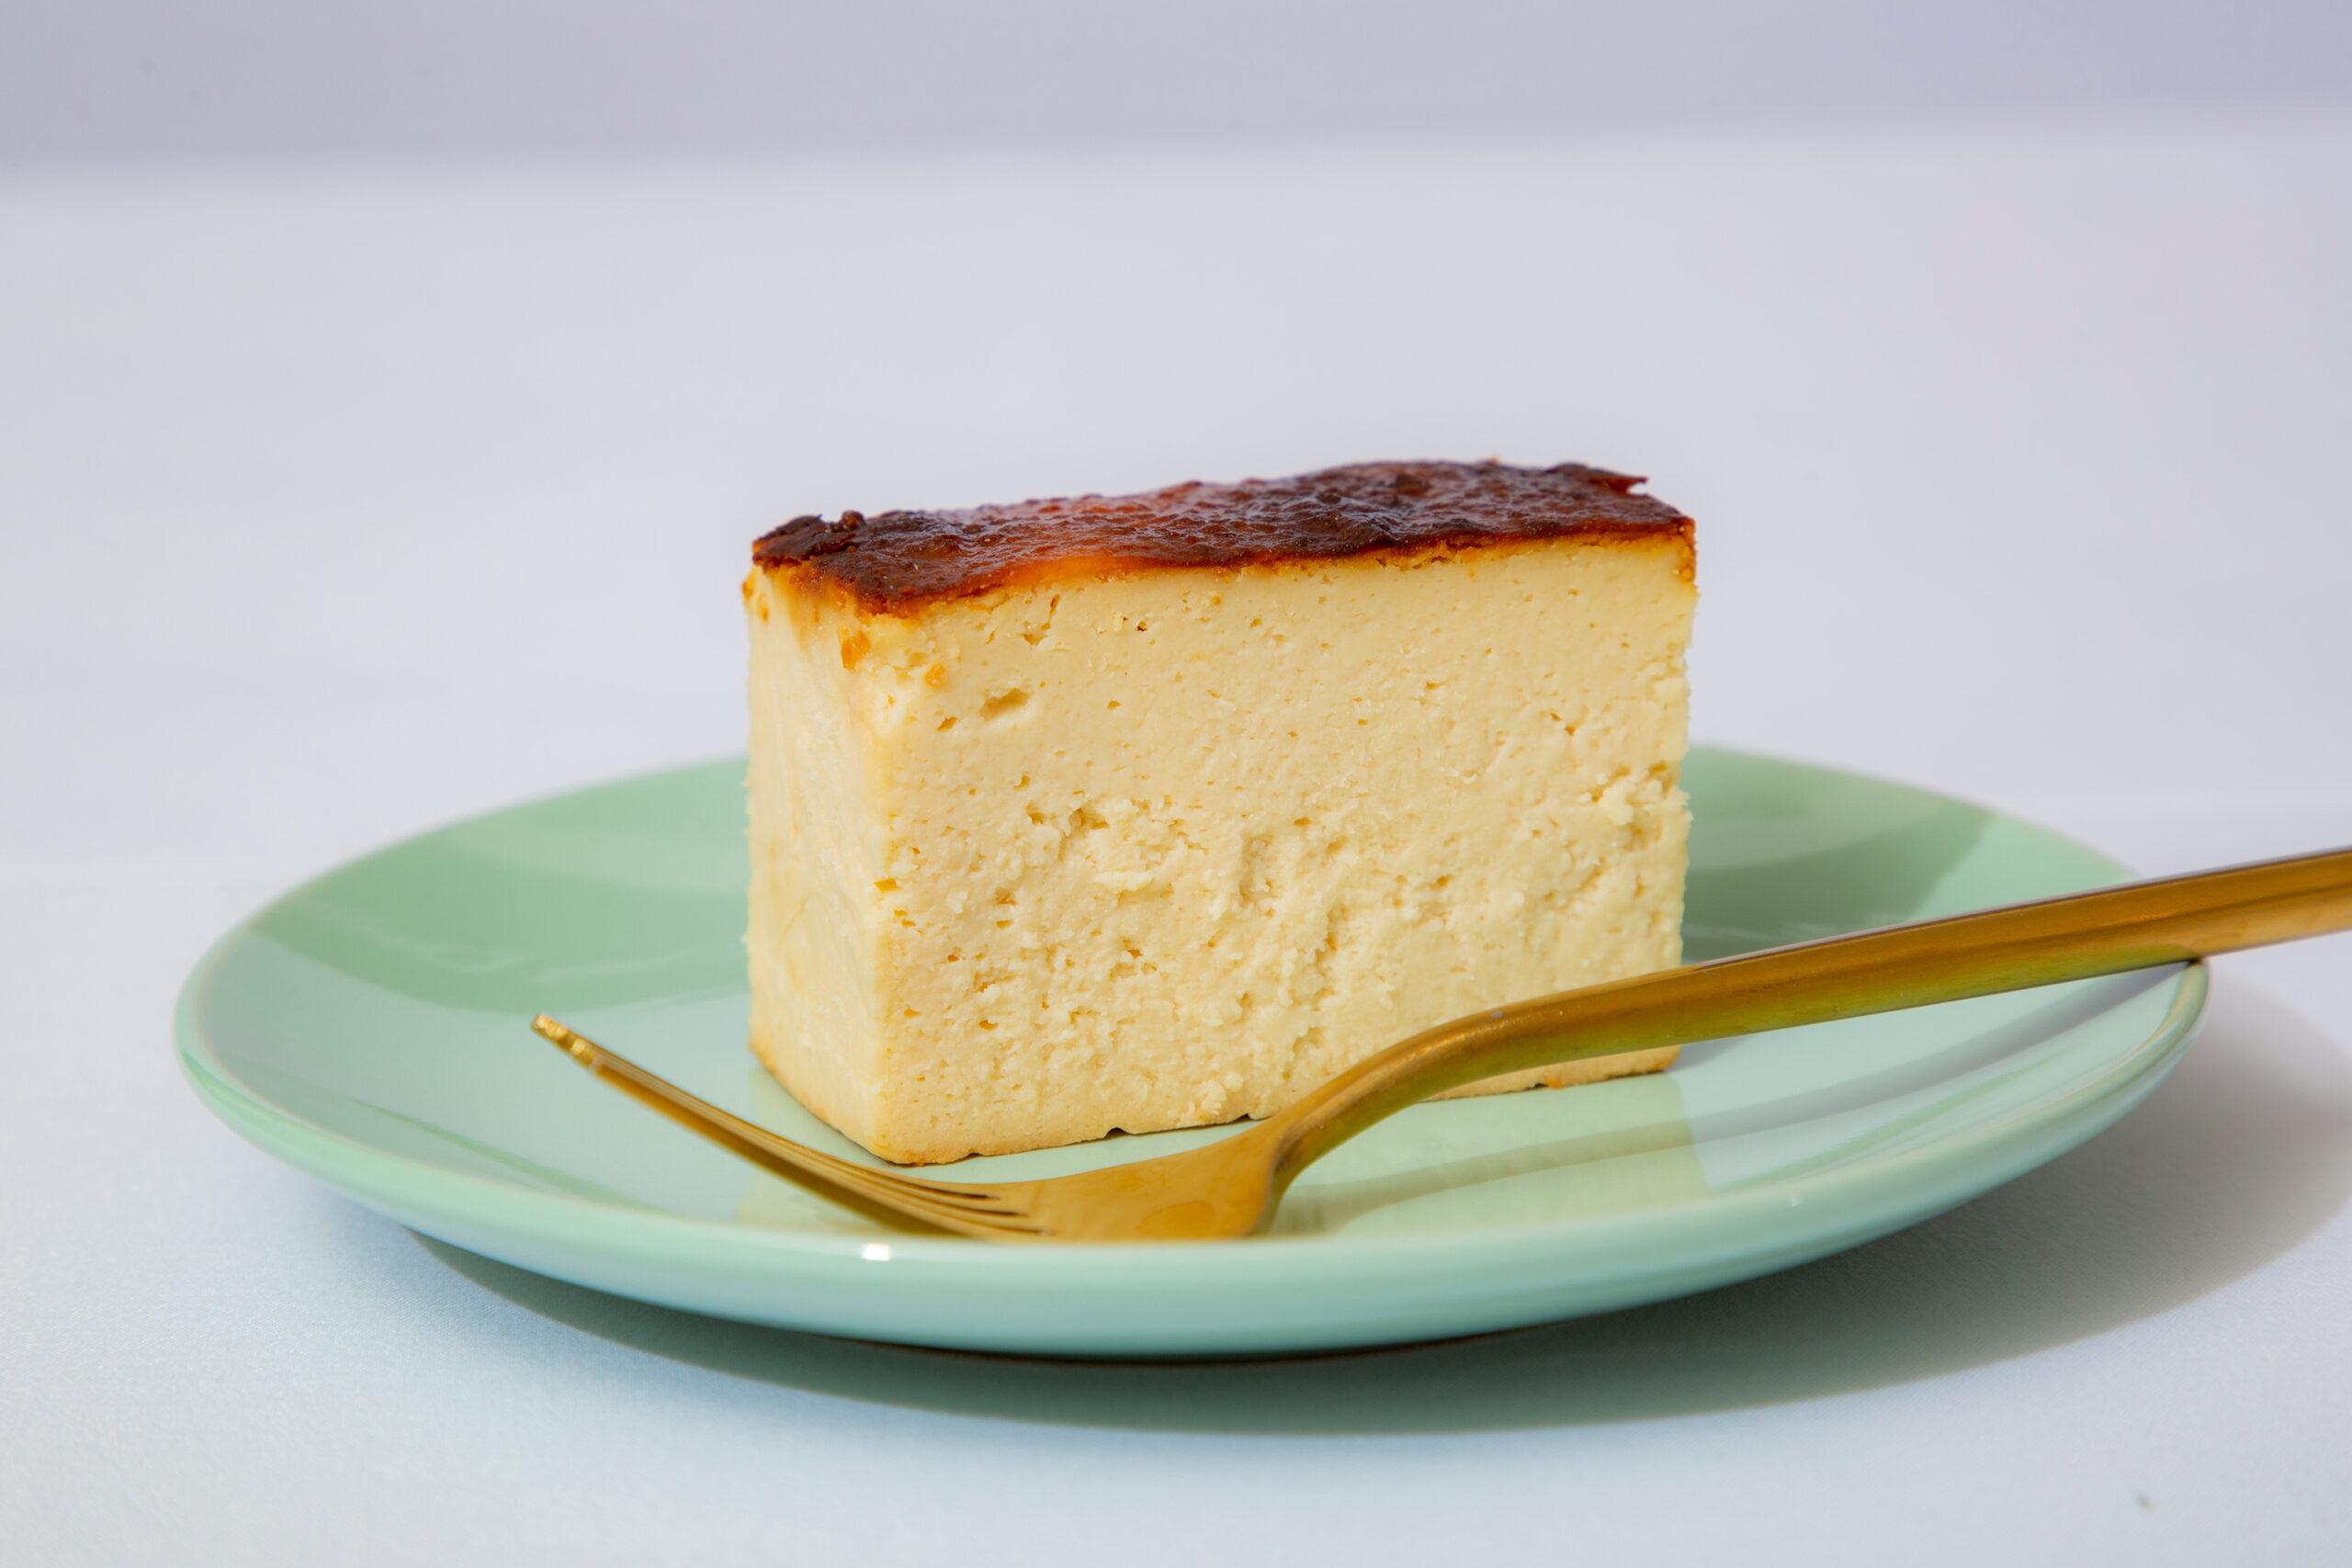 北海道の酒粕を使用し、低糖質な日本酒チーズケーキを開発する「&CHEESE SAKE」プロジェクトをMakuakeで開始